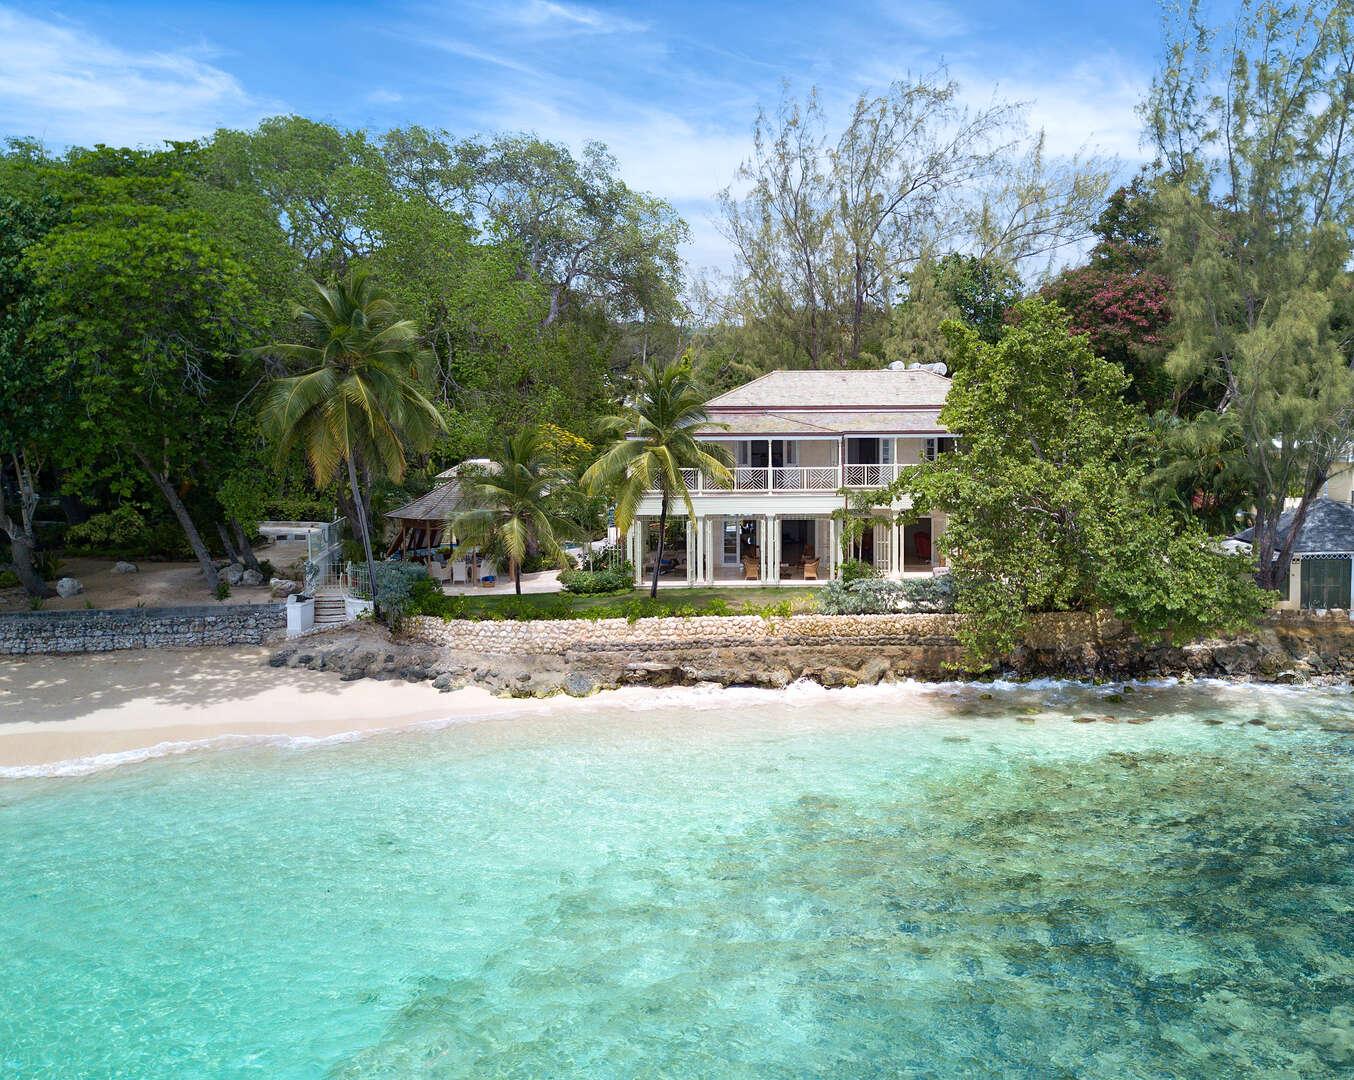 - Hemingway House - Image 1/14